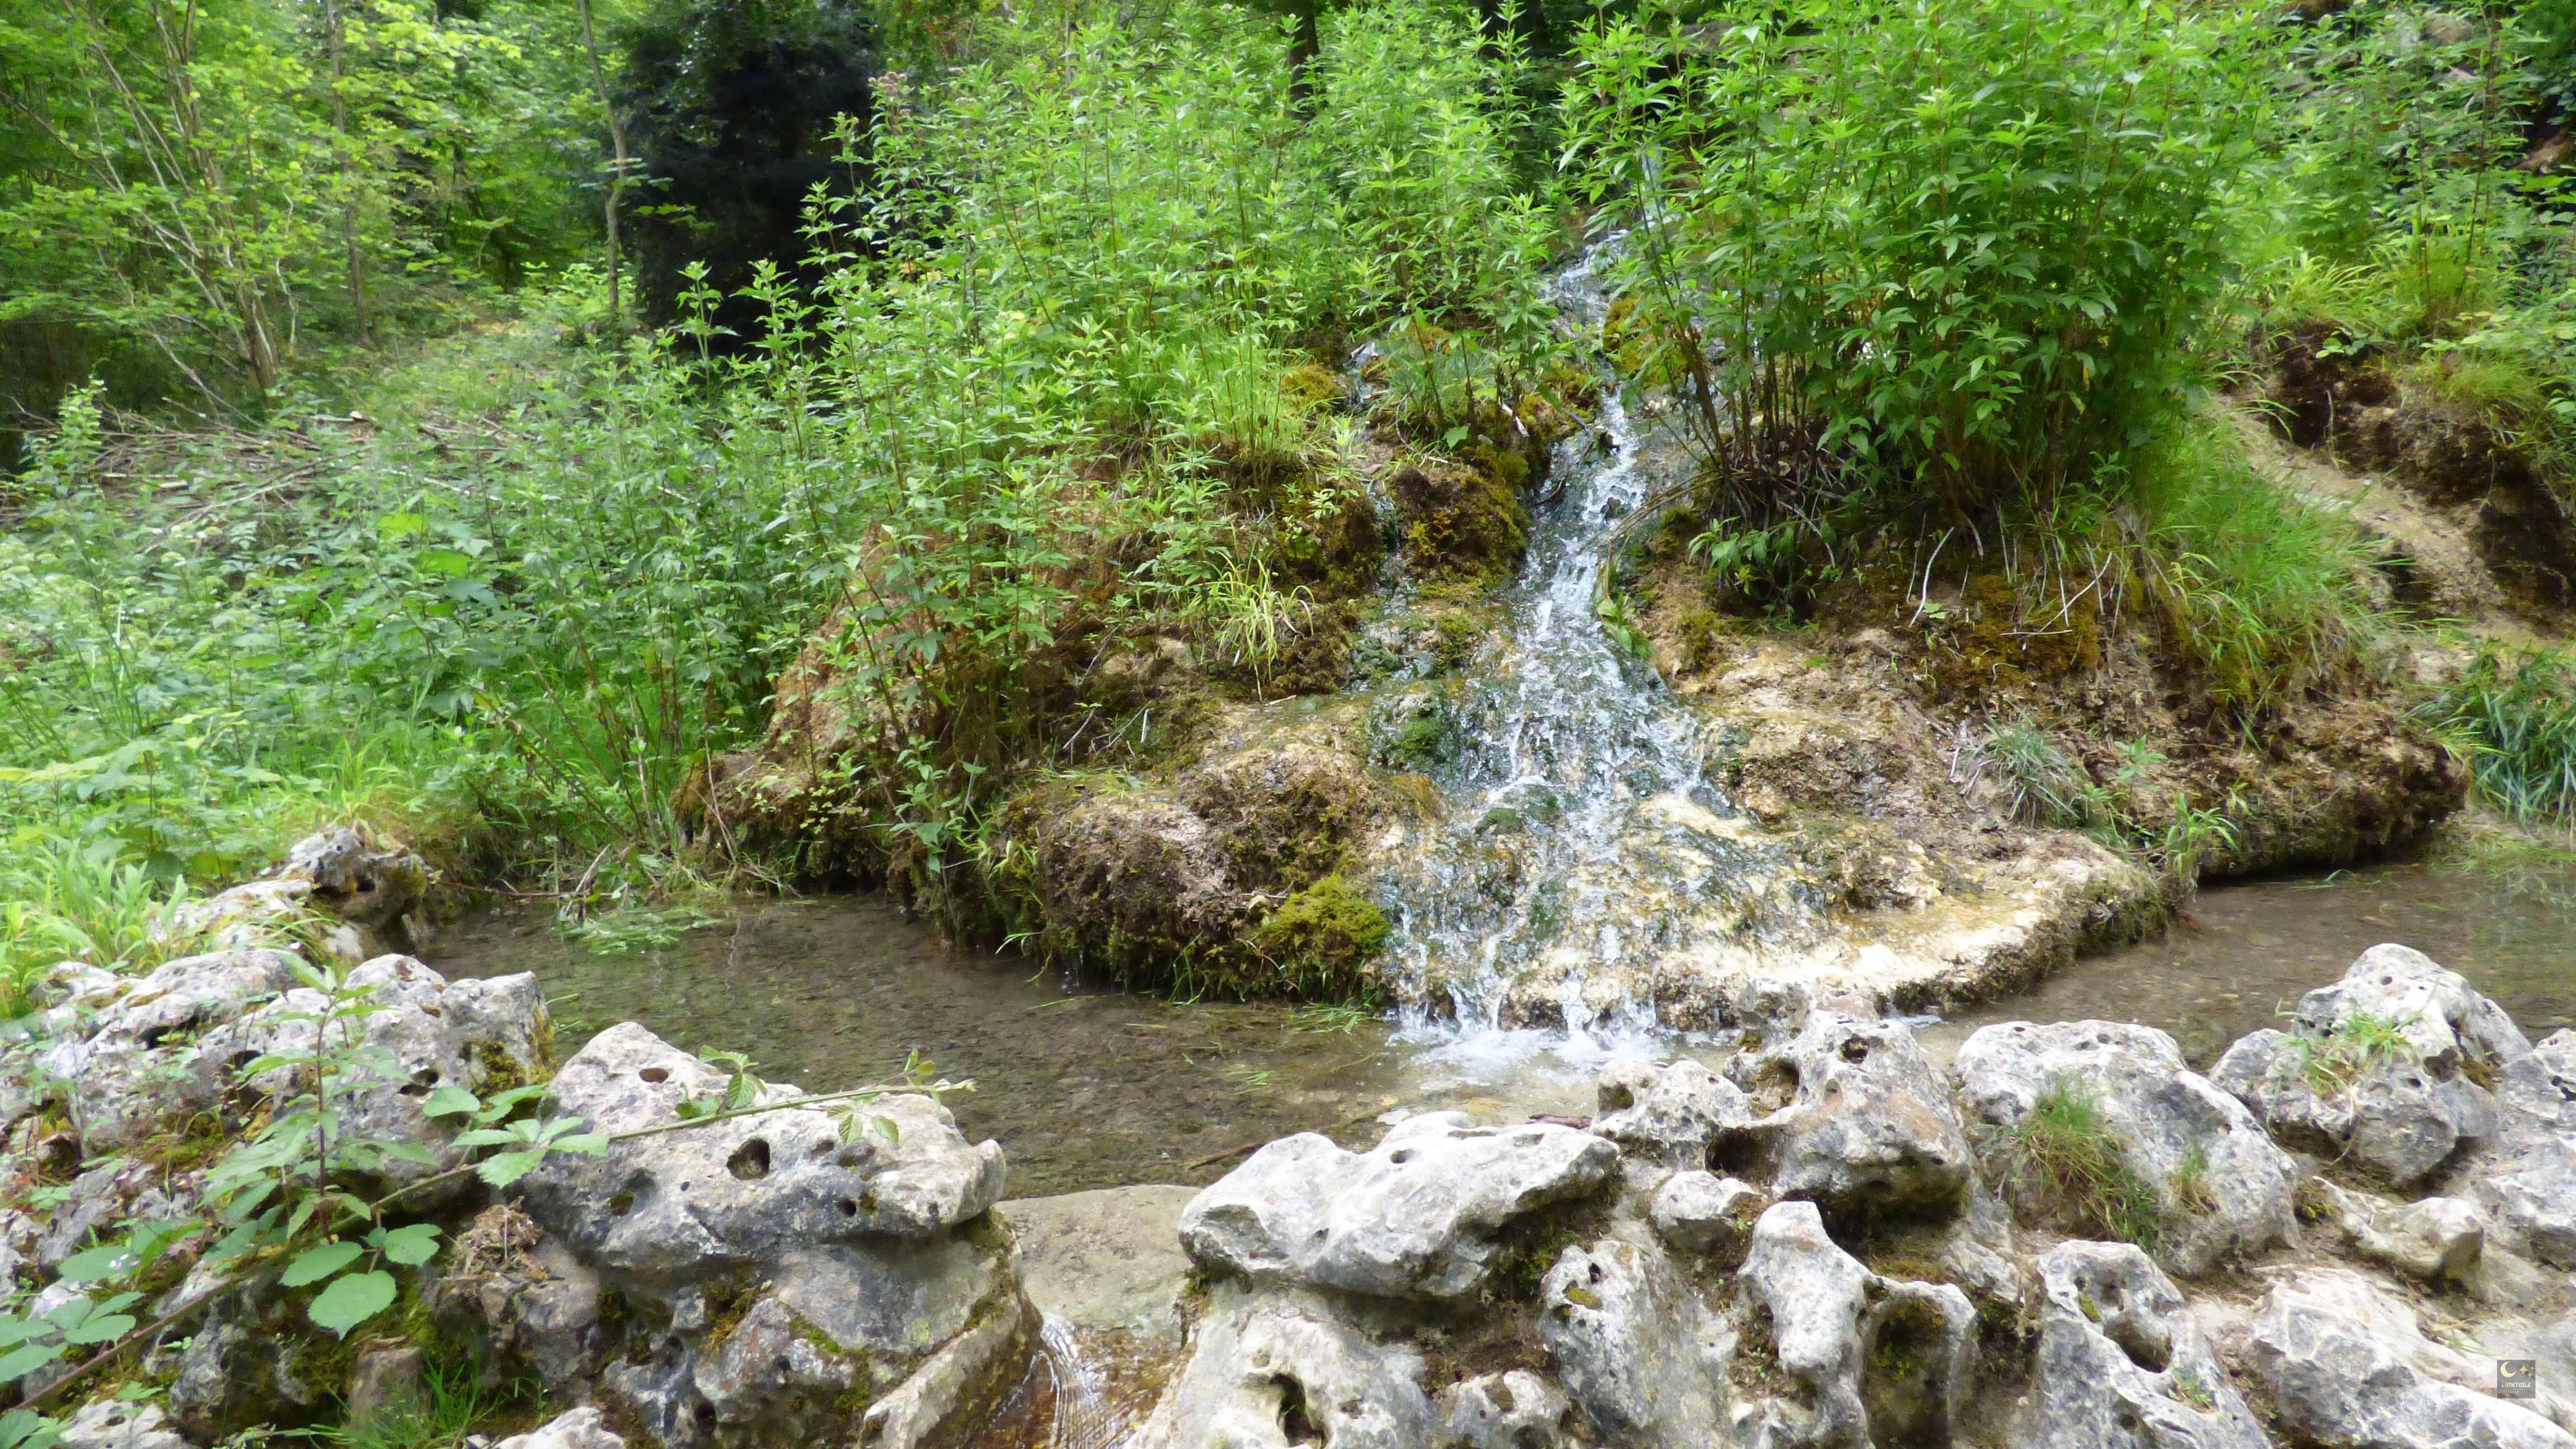 Fontaine de Jouvence - Val suzon - Messigny-et-Vantoux (21) | Lunetoile.com Mystères, légendes ...